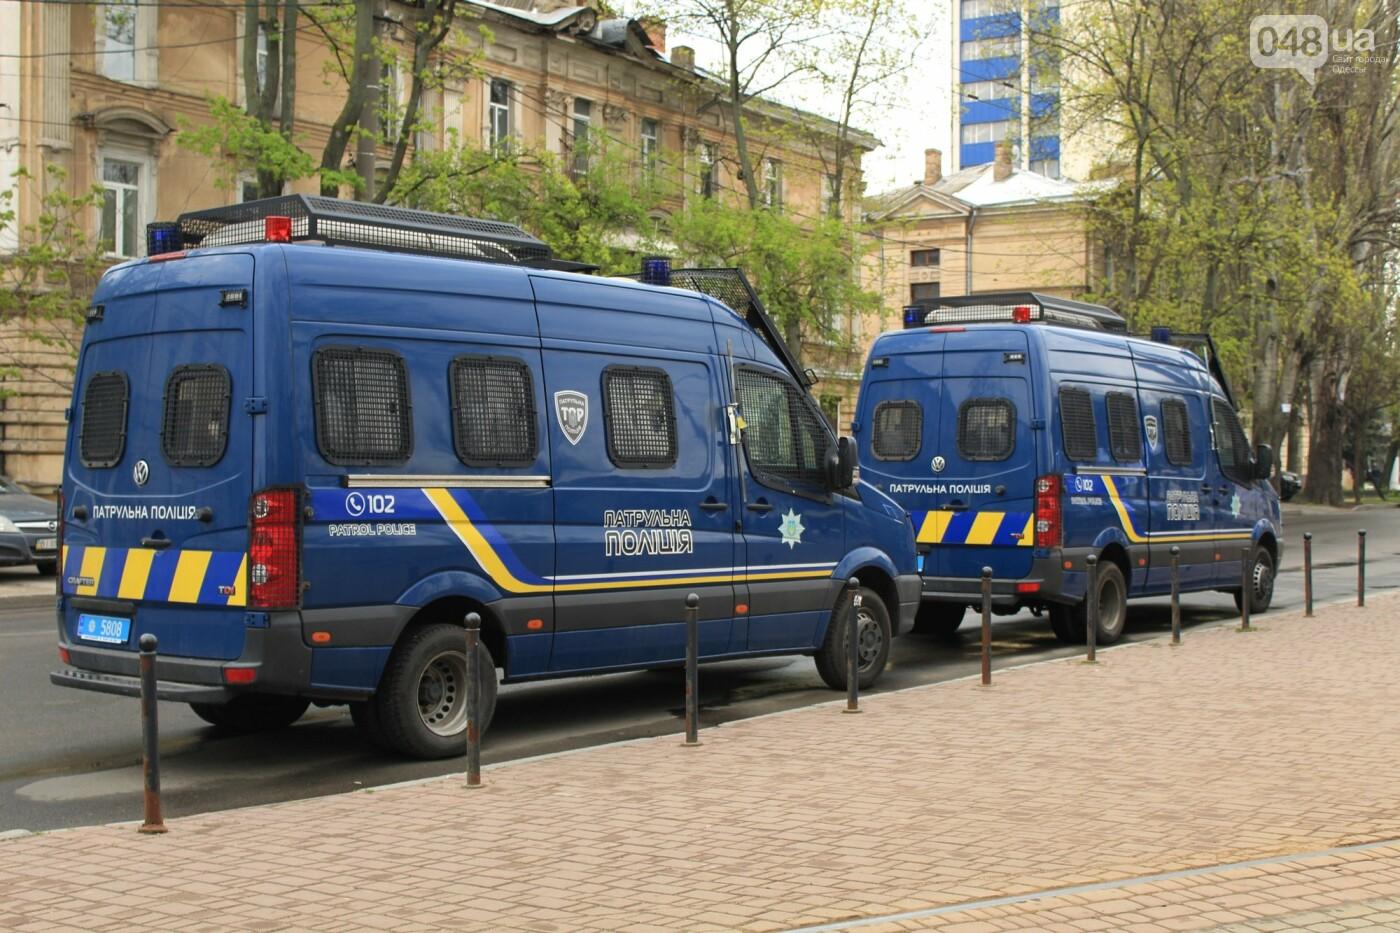 В Одессе к Дому профсоюзов несут цветы под присмотром полиции и медиков, - ФОТО, ВИДЕО , фото-1